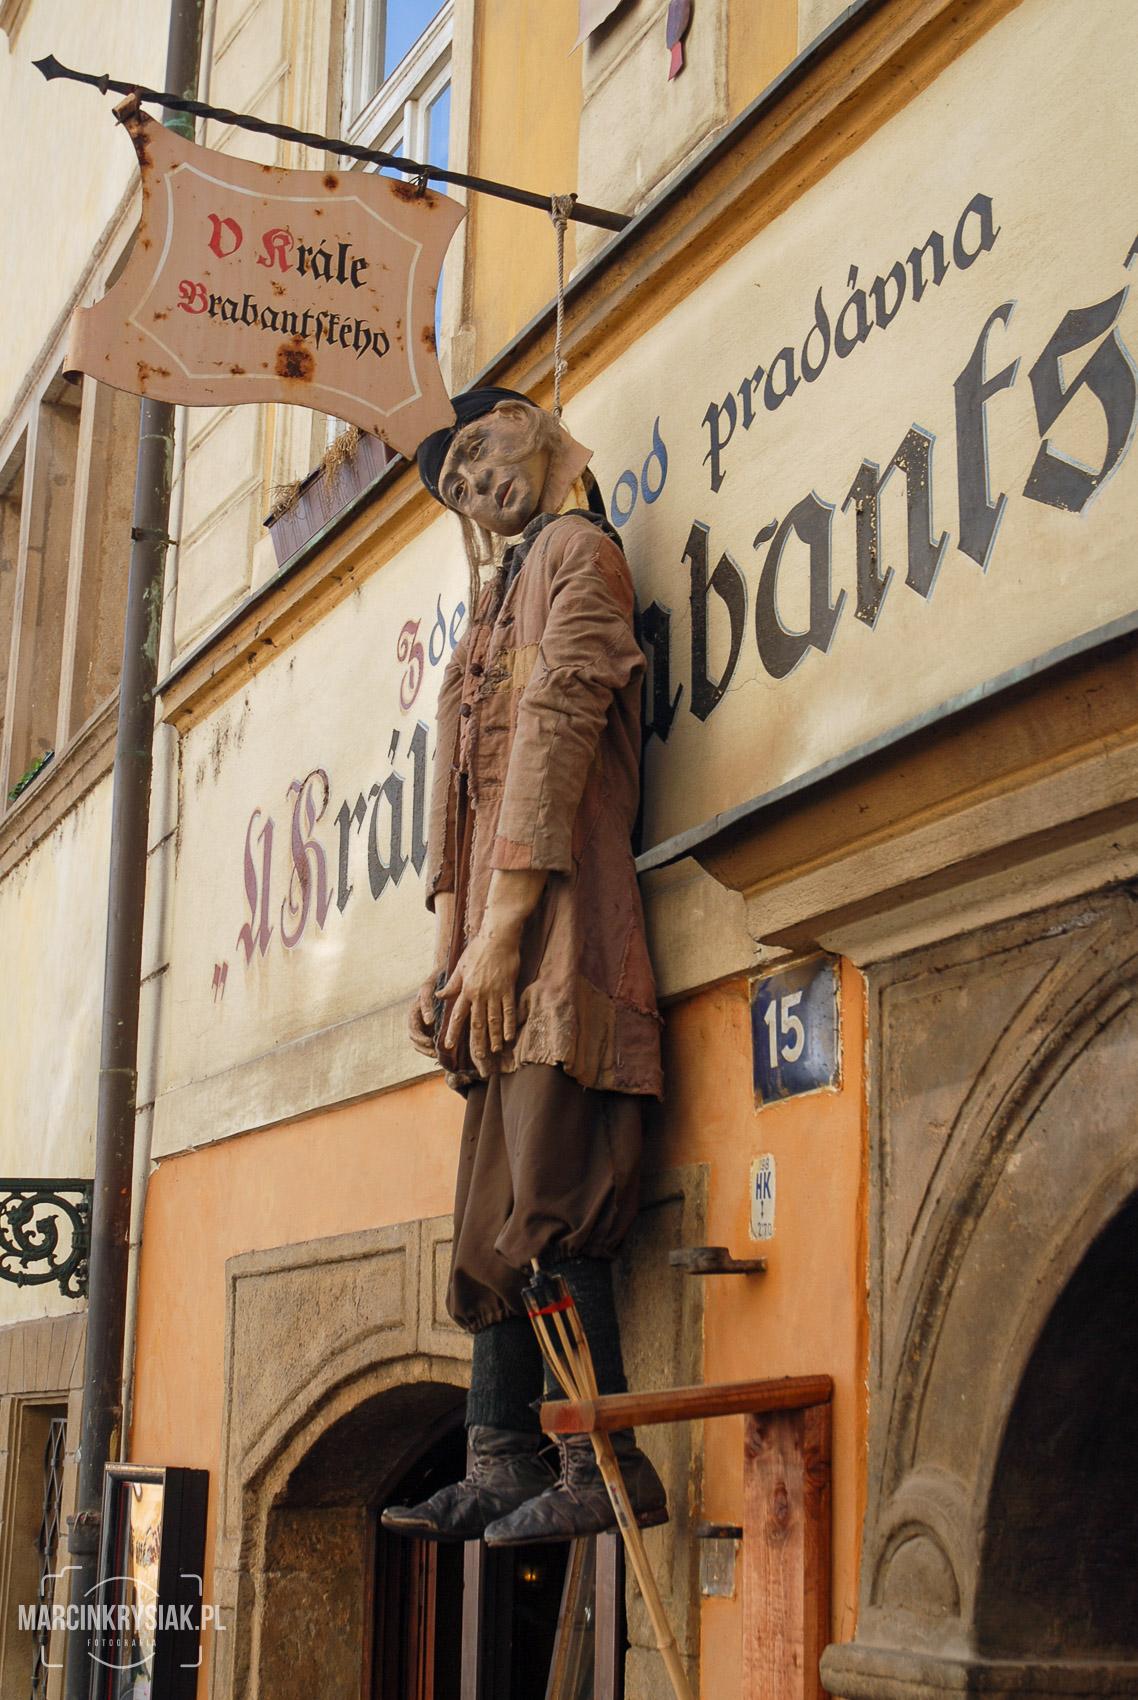 sklep, witryna, wisielec, miasto, stolica, Praga, Czechy